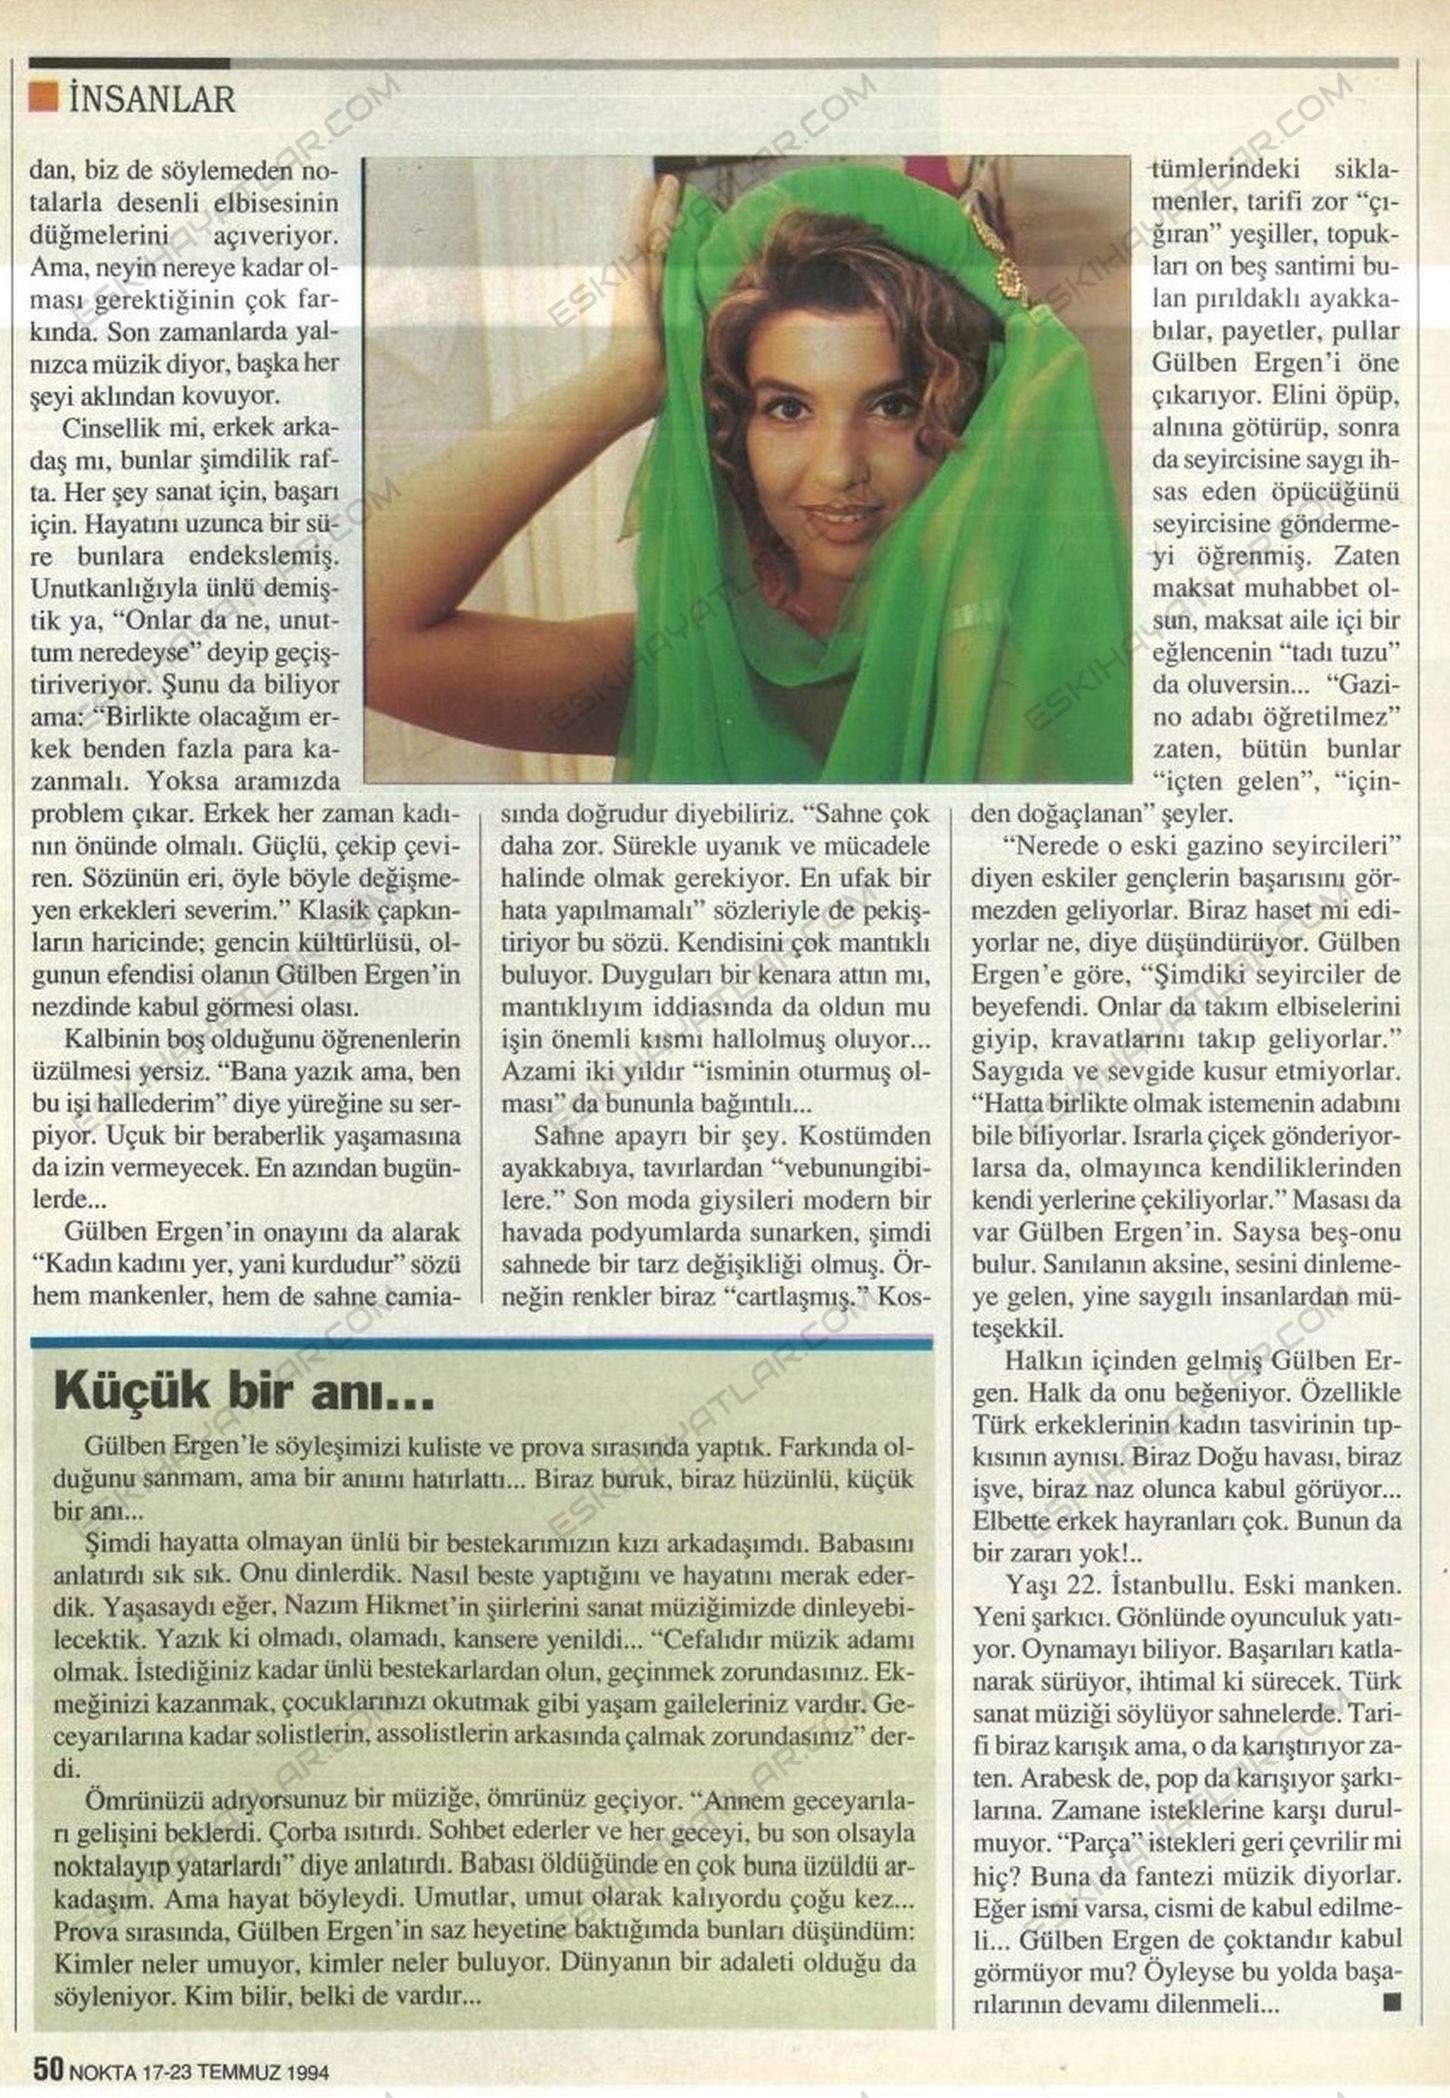 gulben-ergen-mankenlik-yillari-1994-nokta-dergisi-roportaji (5)